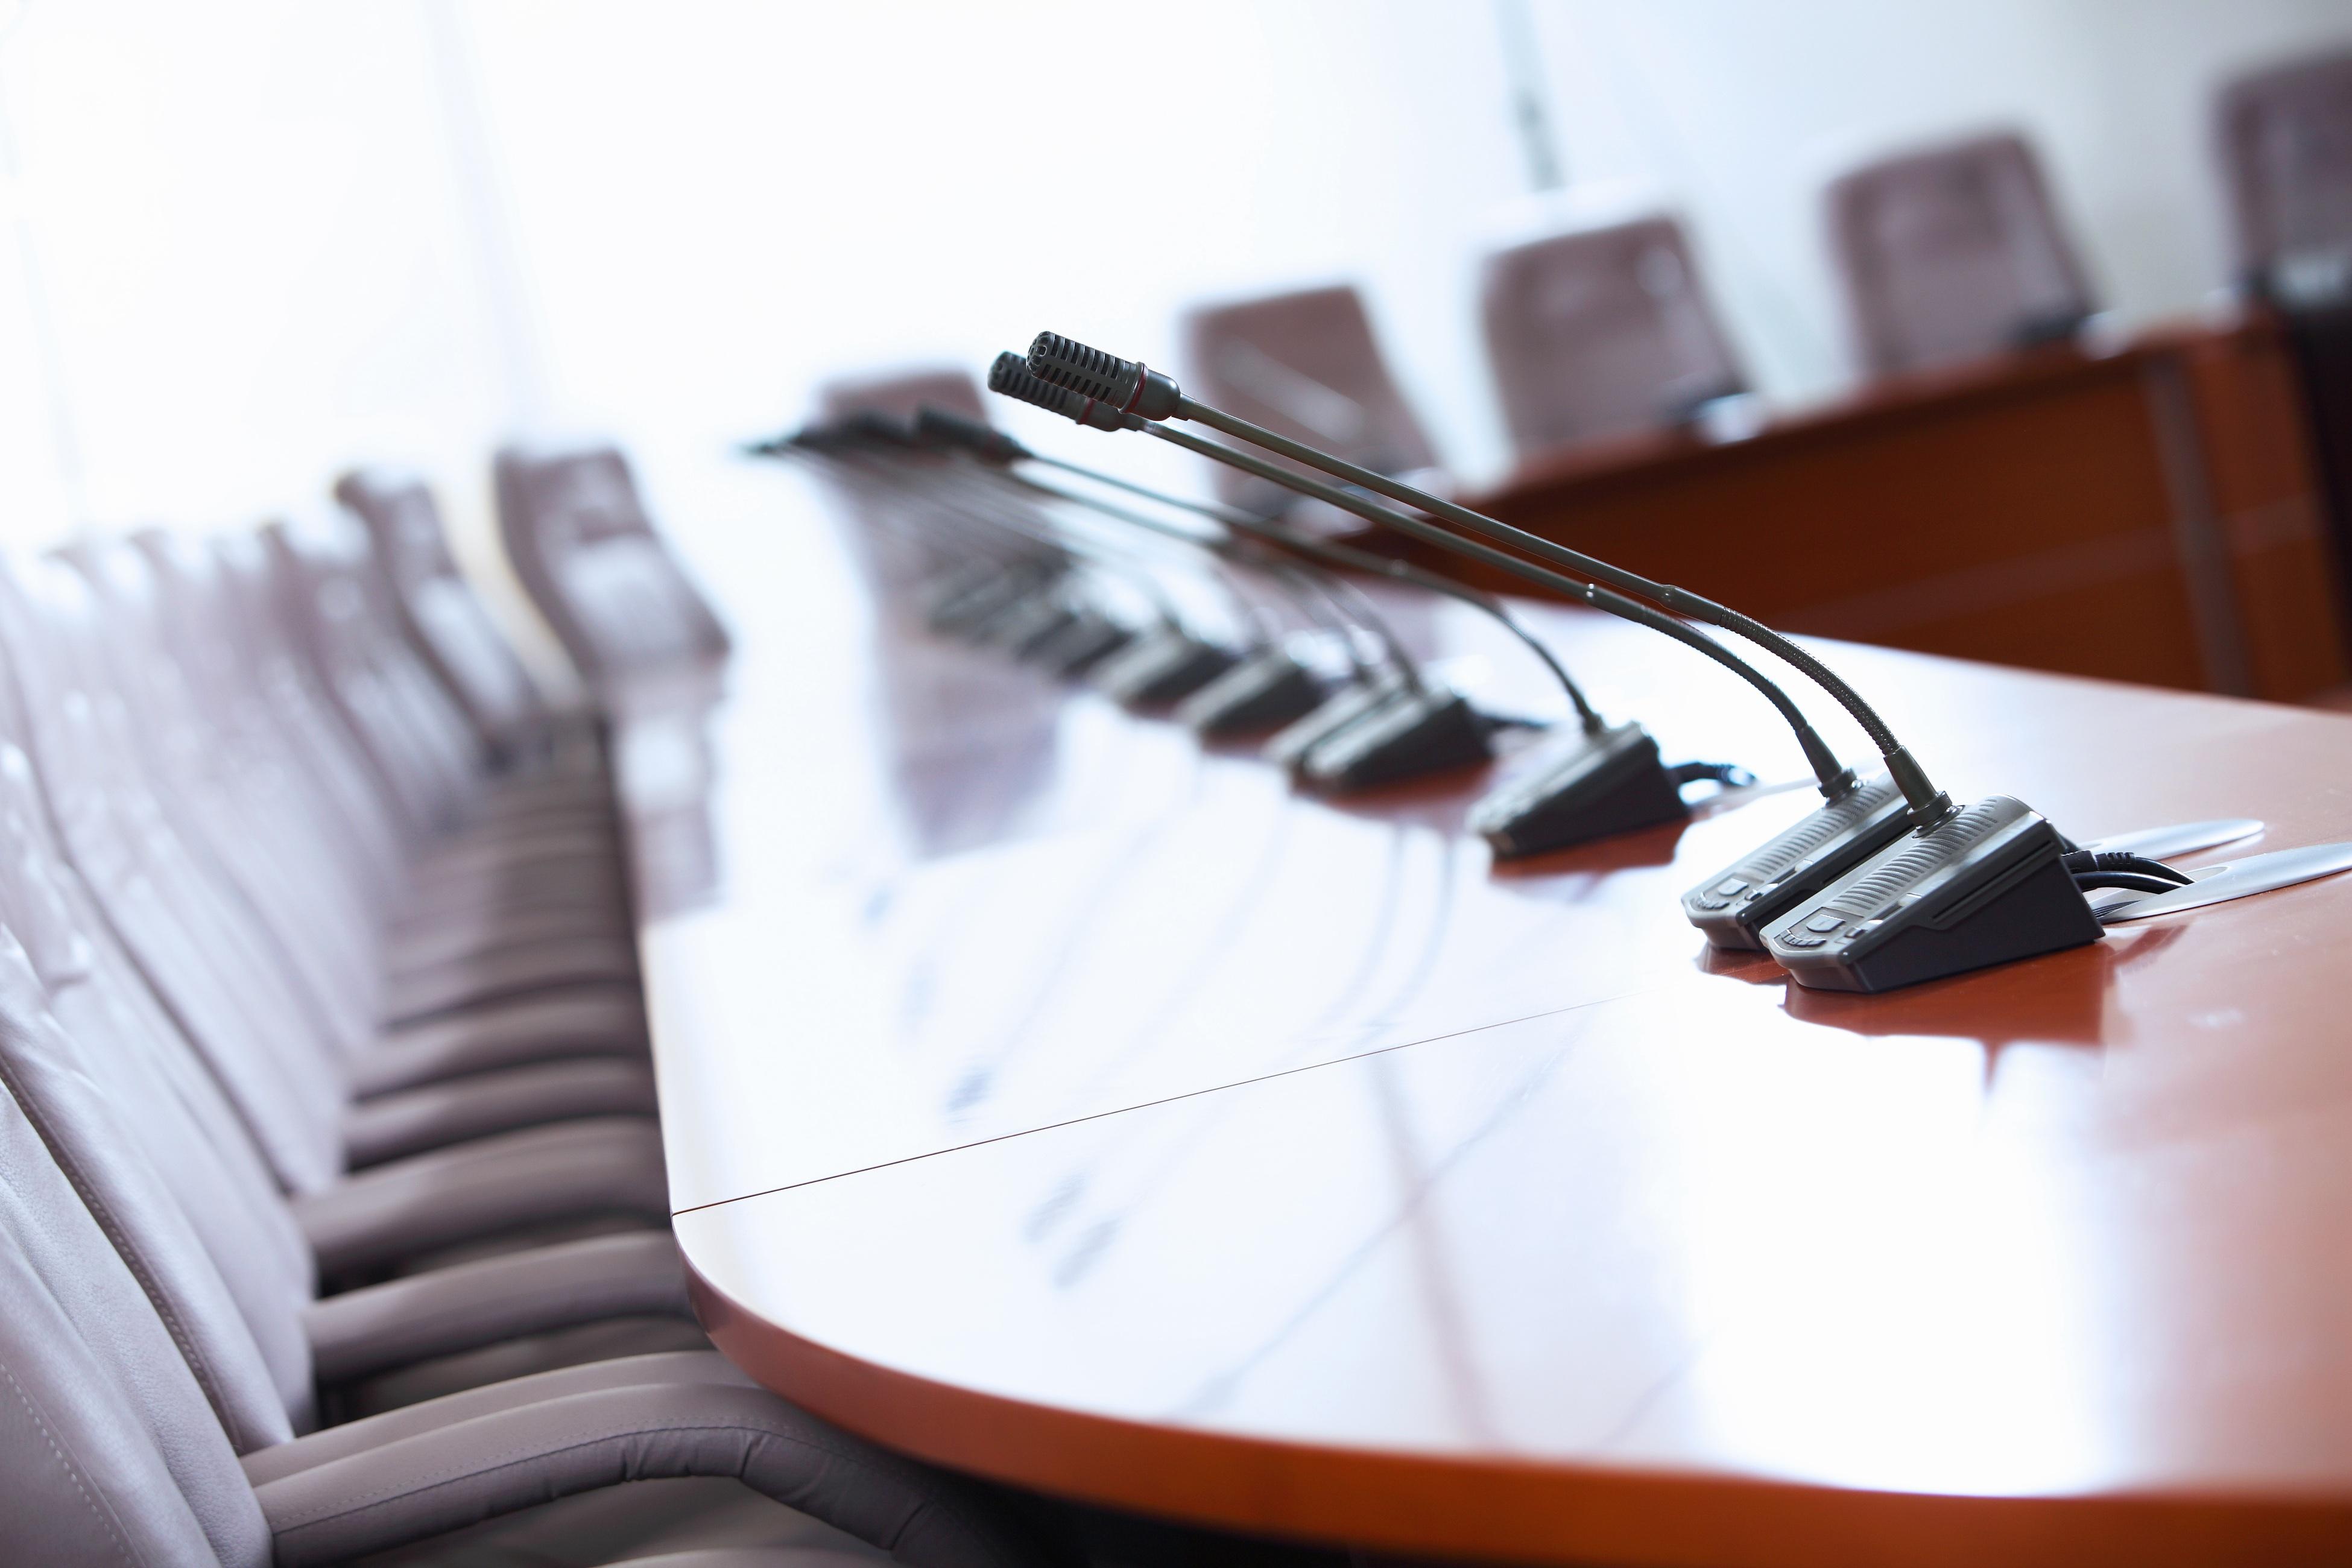 15 березня було проведено обласну селекторну-нараду в форматі відео-конференції